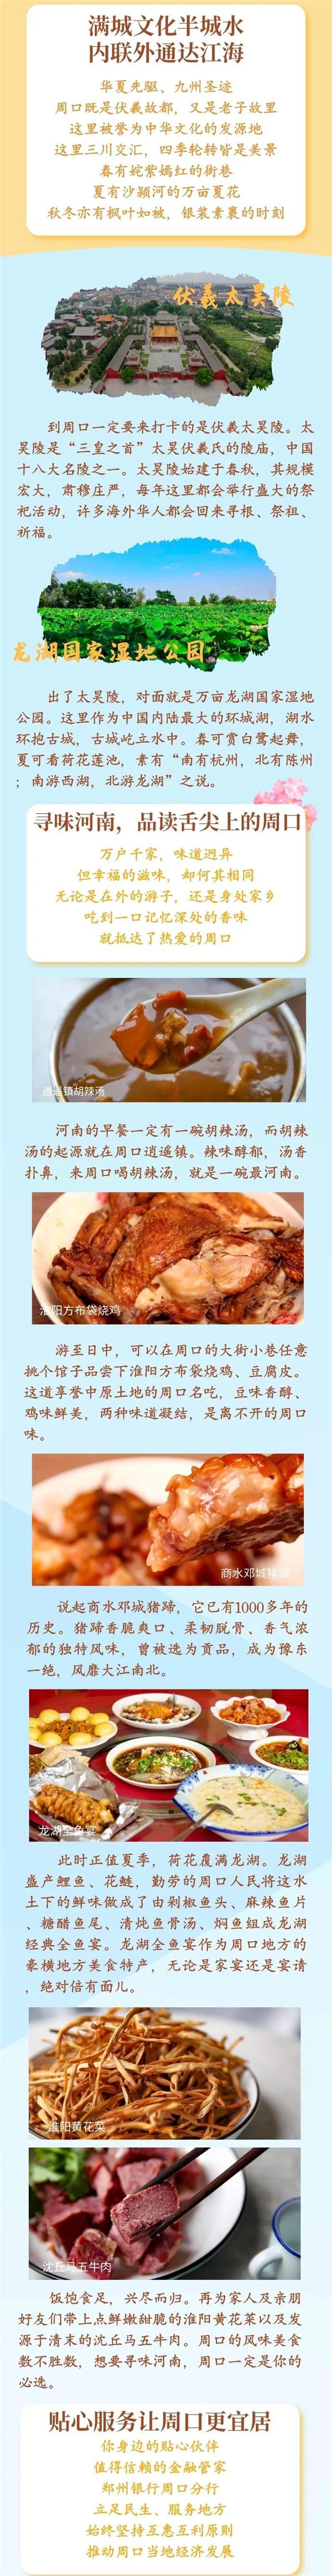 20200518郑州银行行长带言周口袁涛-2.jpg